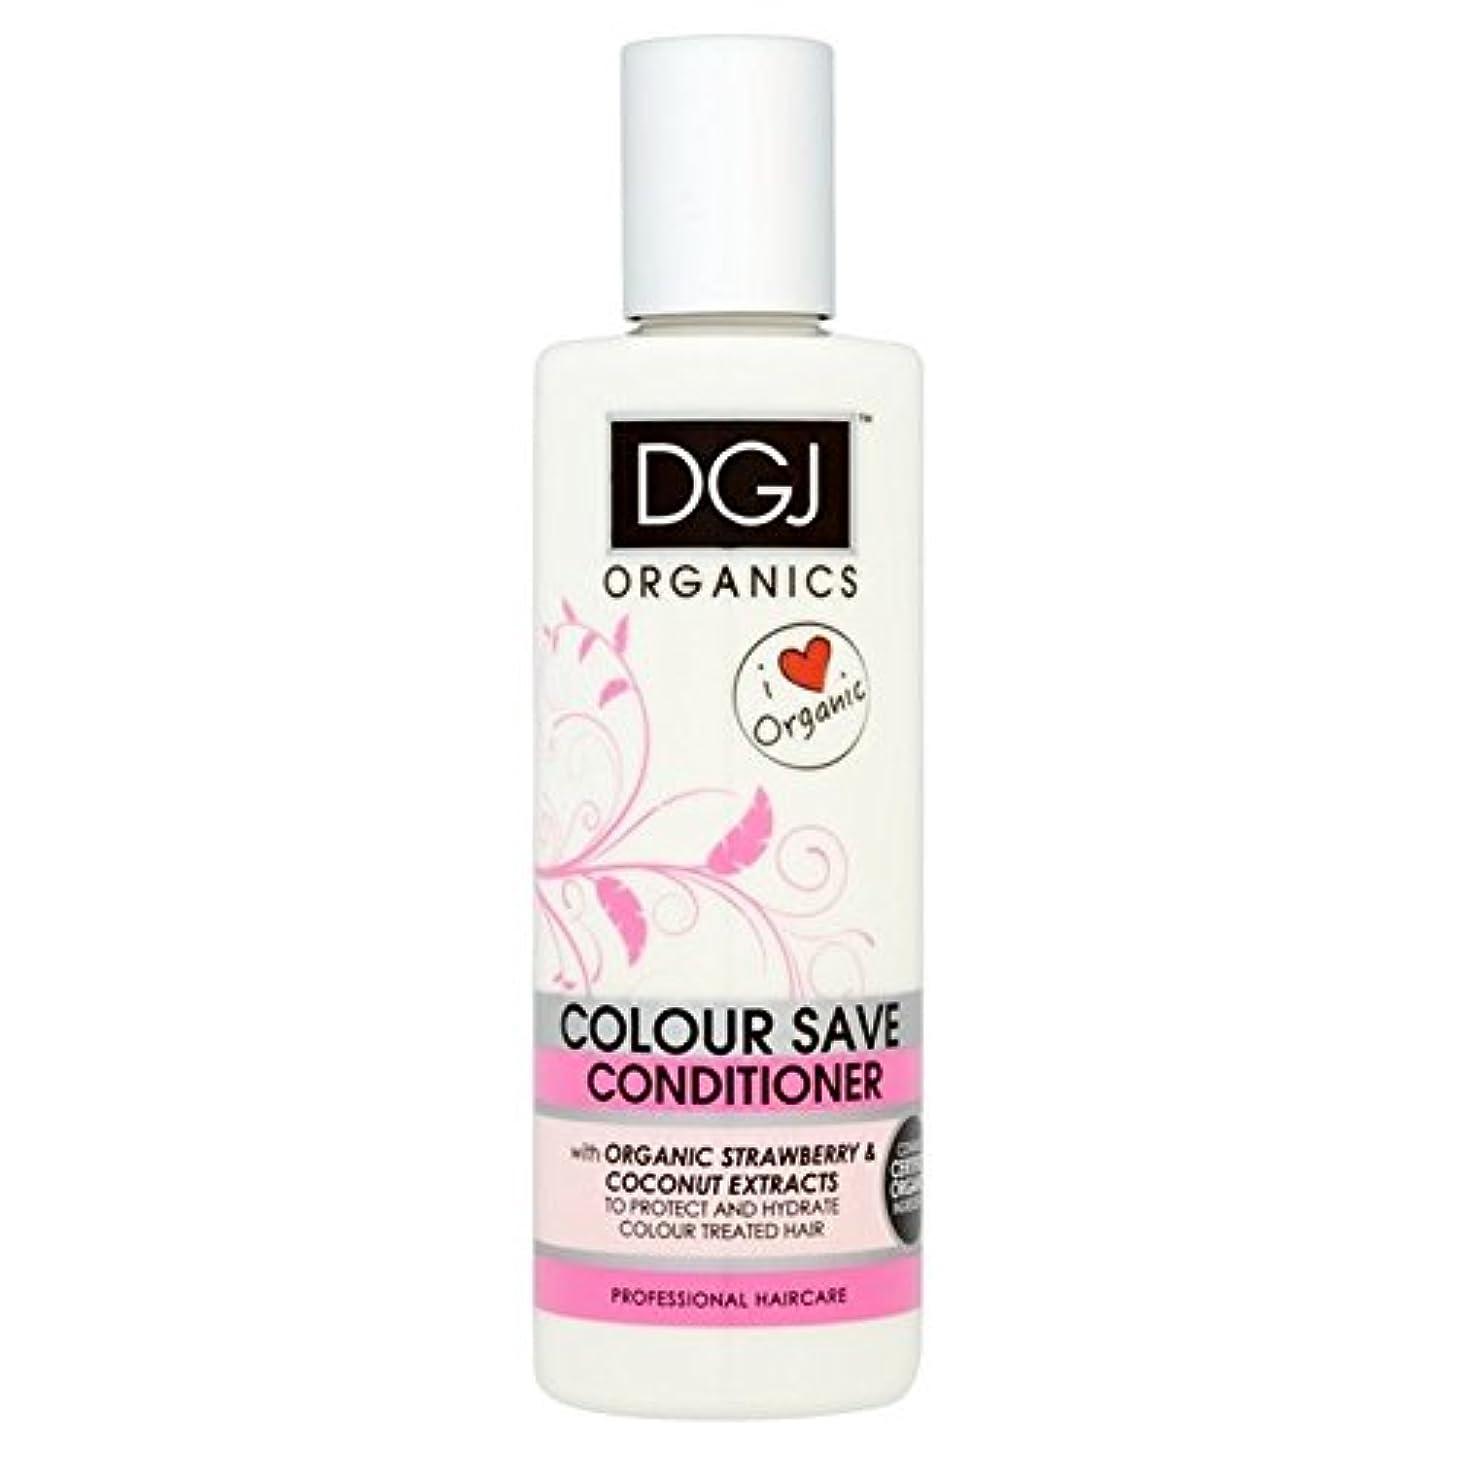 破滅アレルギーフィヨルド有機物の色コンディショナー250を保存 x4 - DGJ Organics Colour Save Conditioner 250ml (Pack of 4) [並行輸入品]